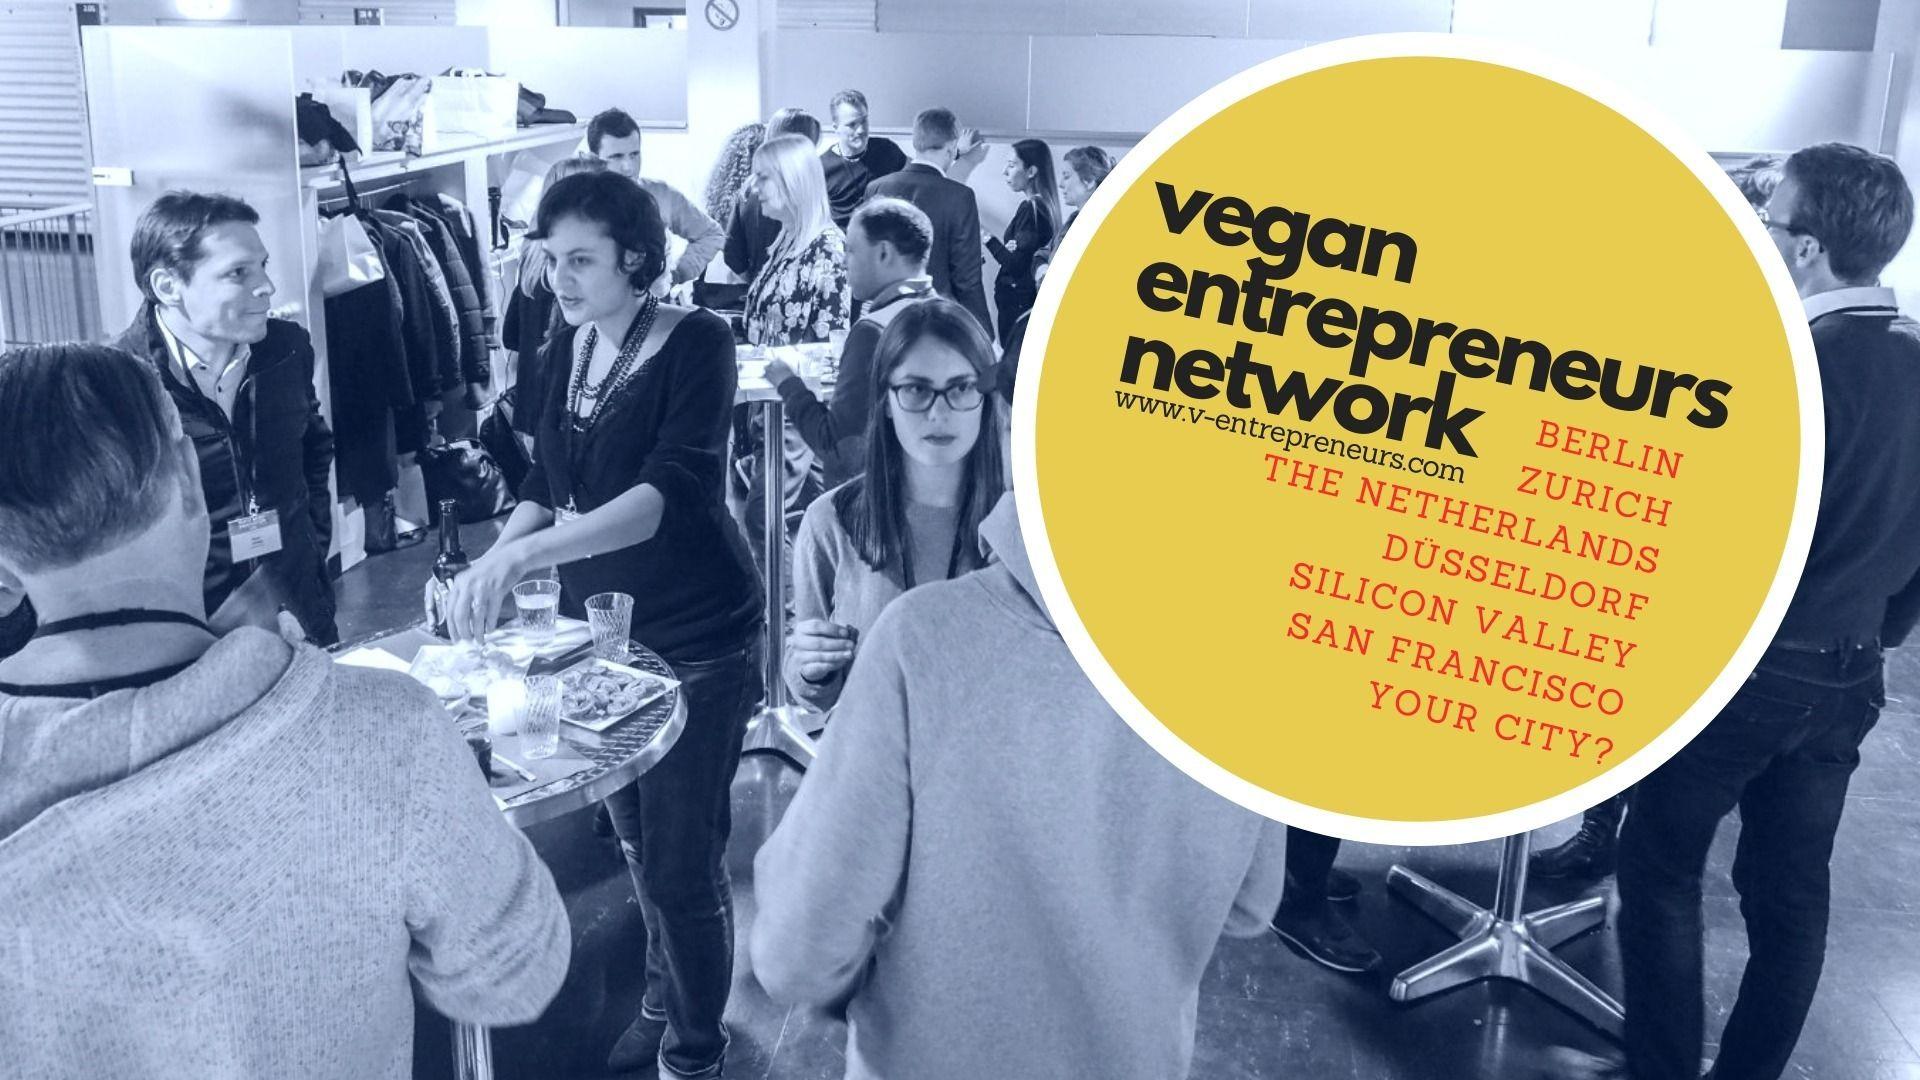 Vegan Entrepreneurs The Netherlands